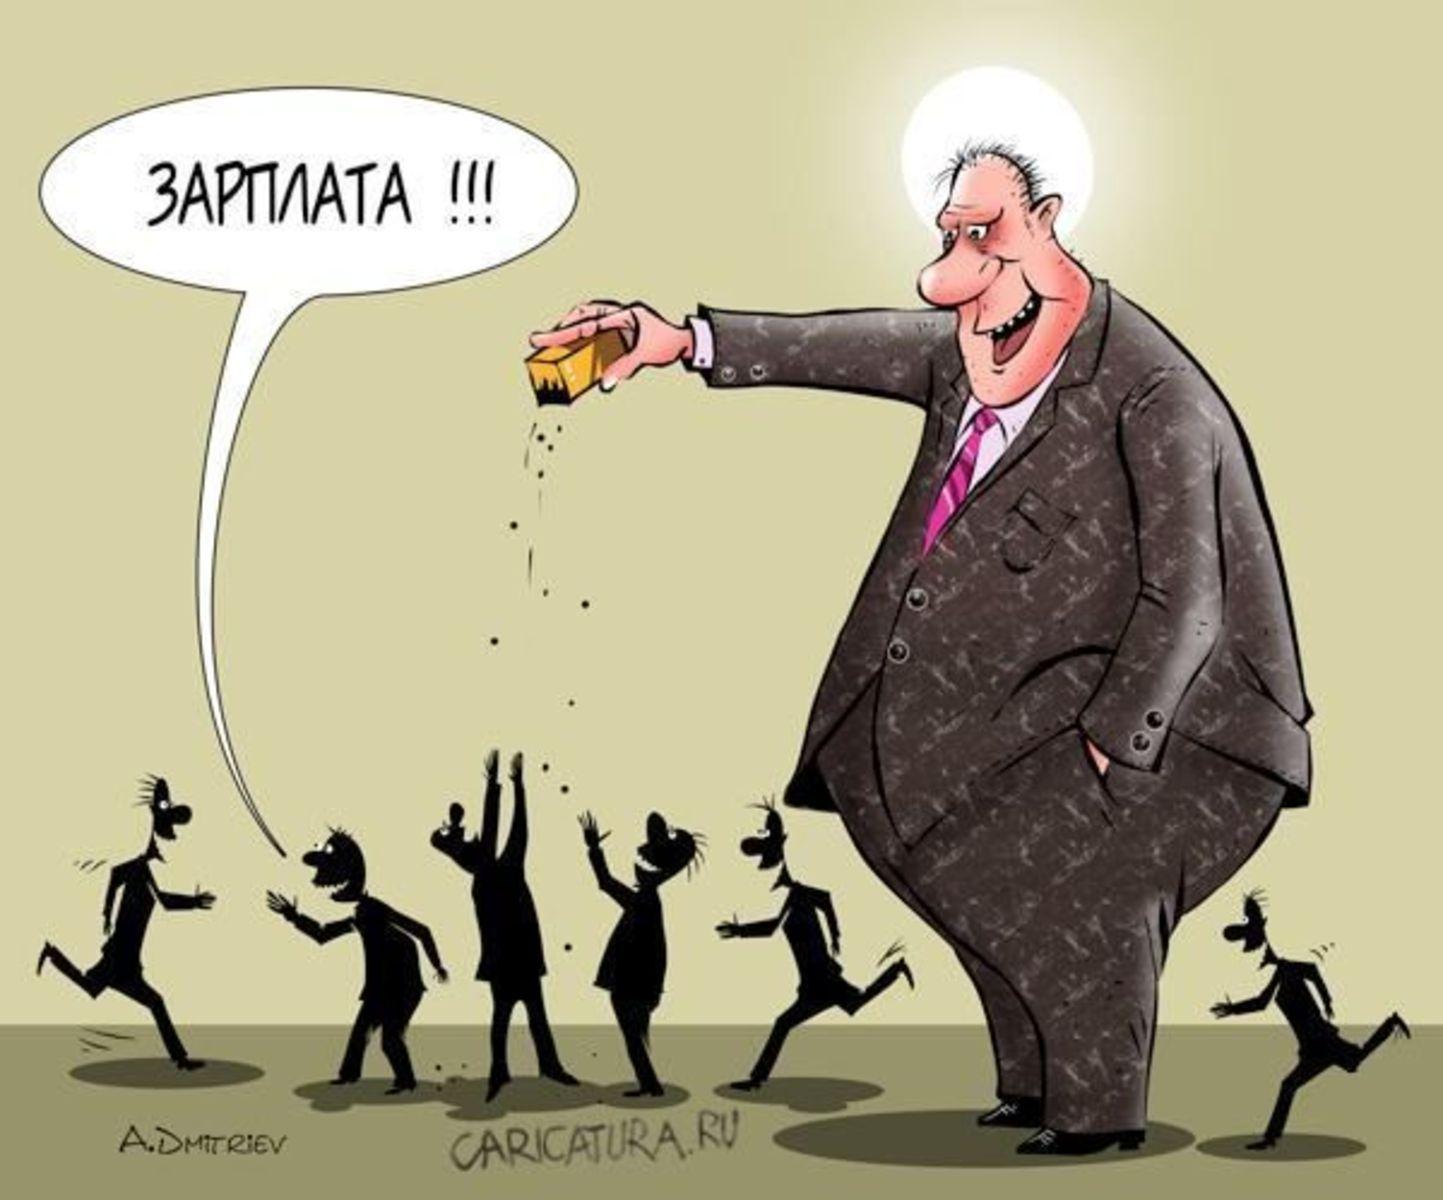 Вступил в силу новый закон относительно зарплат украинцев: с 1 декабря, оказывается, мы имеем больше зарабатывать